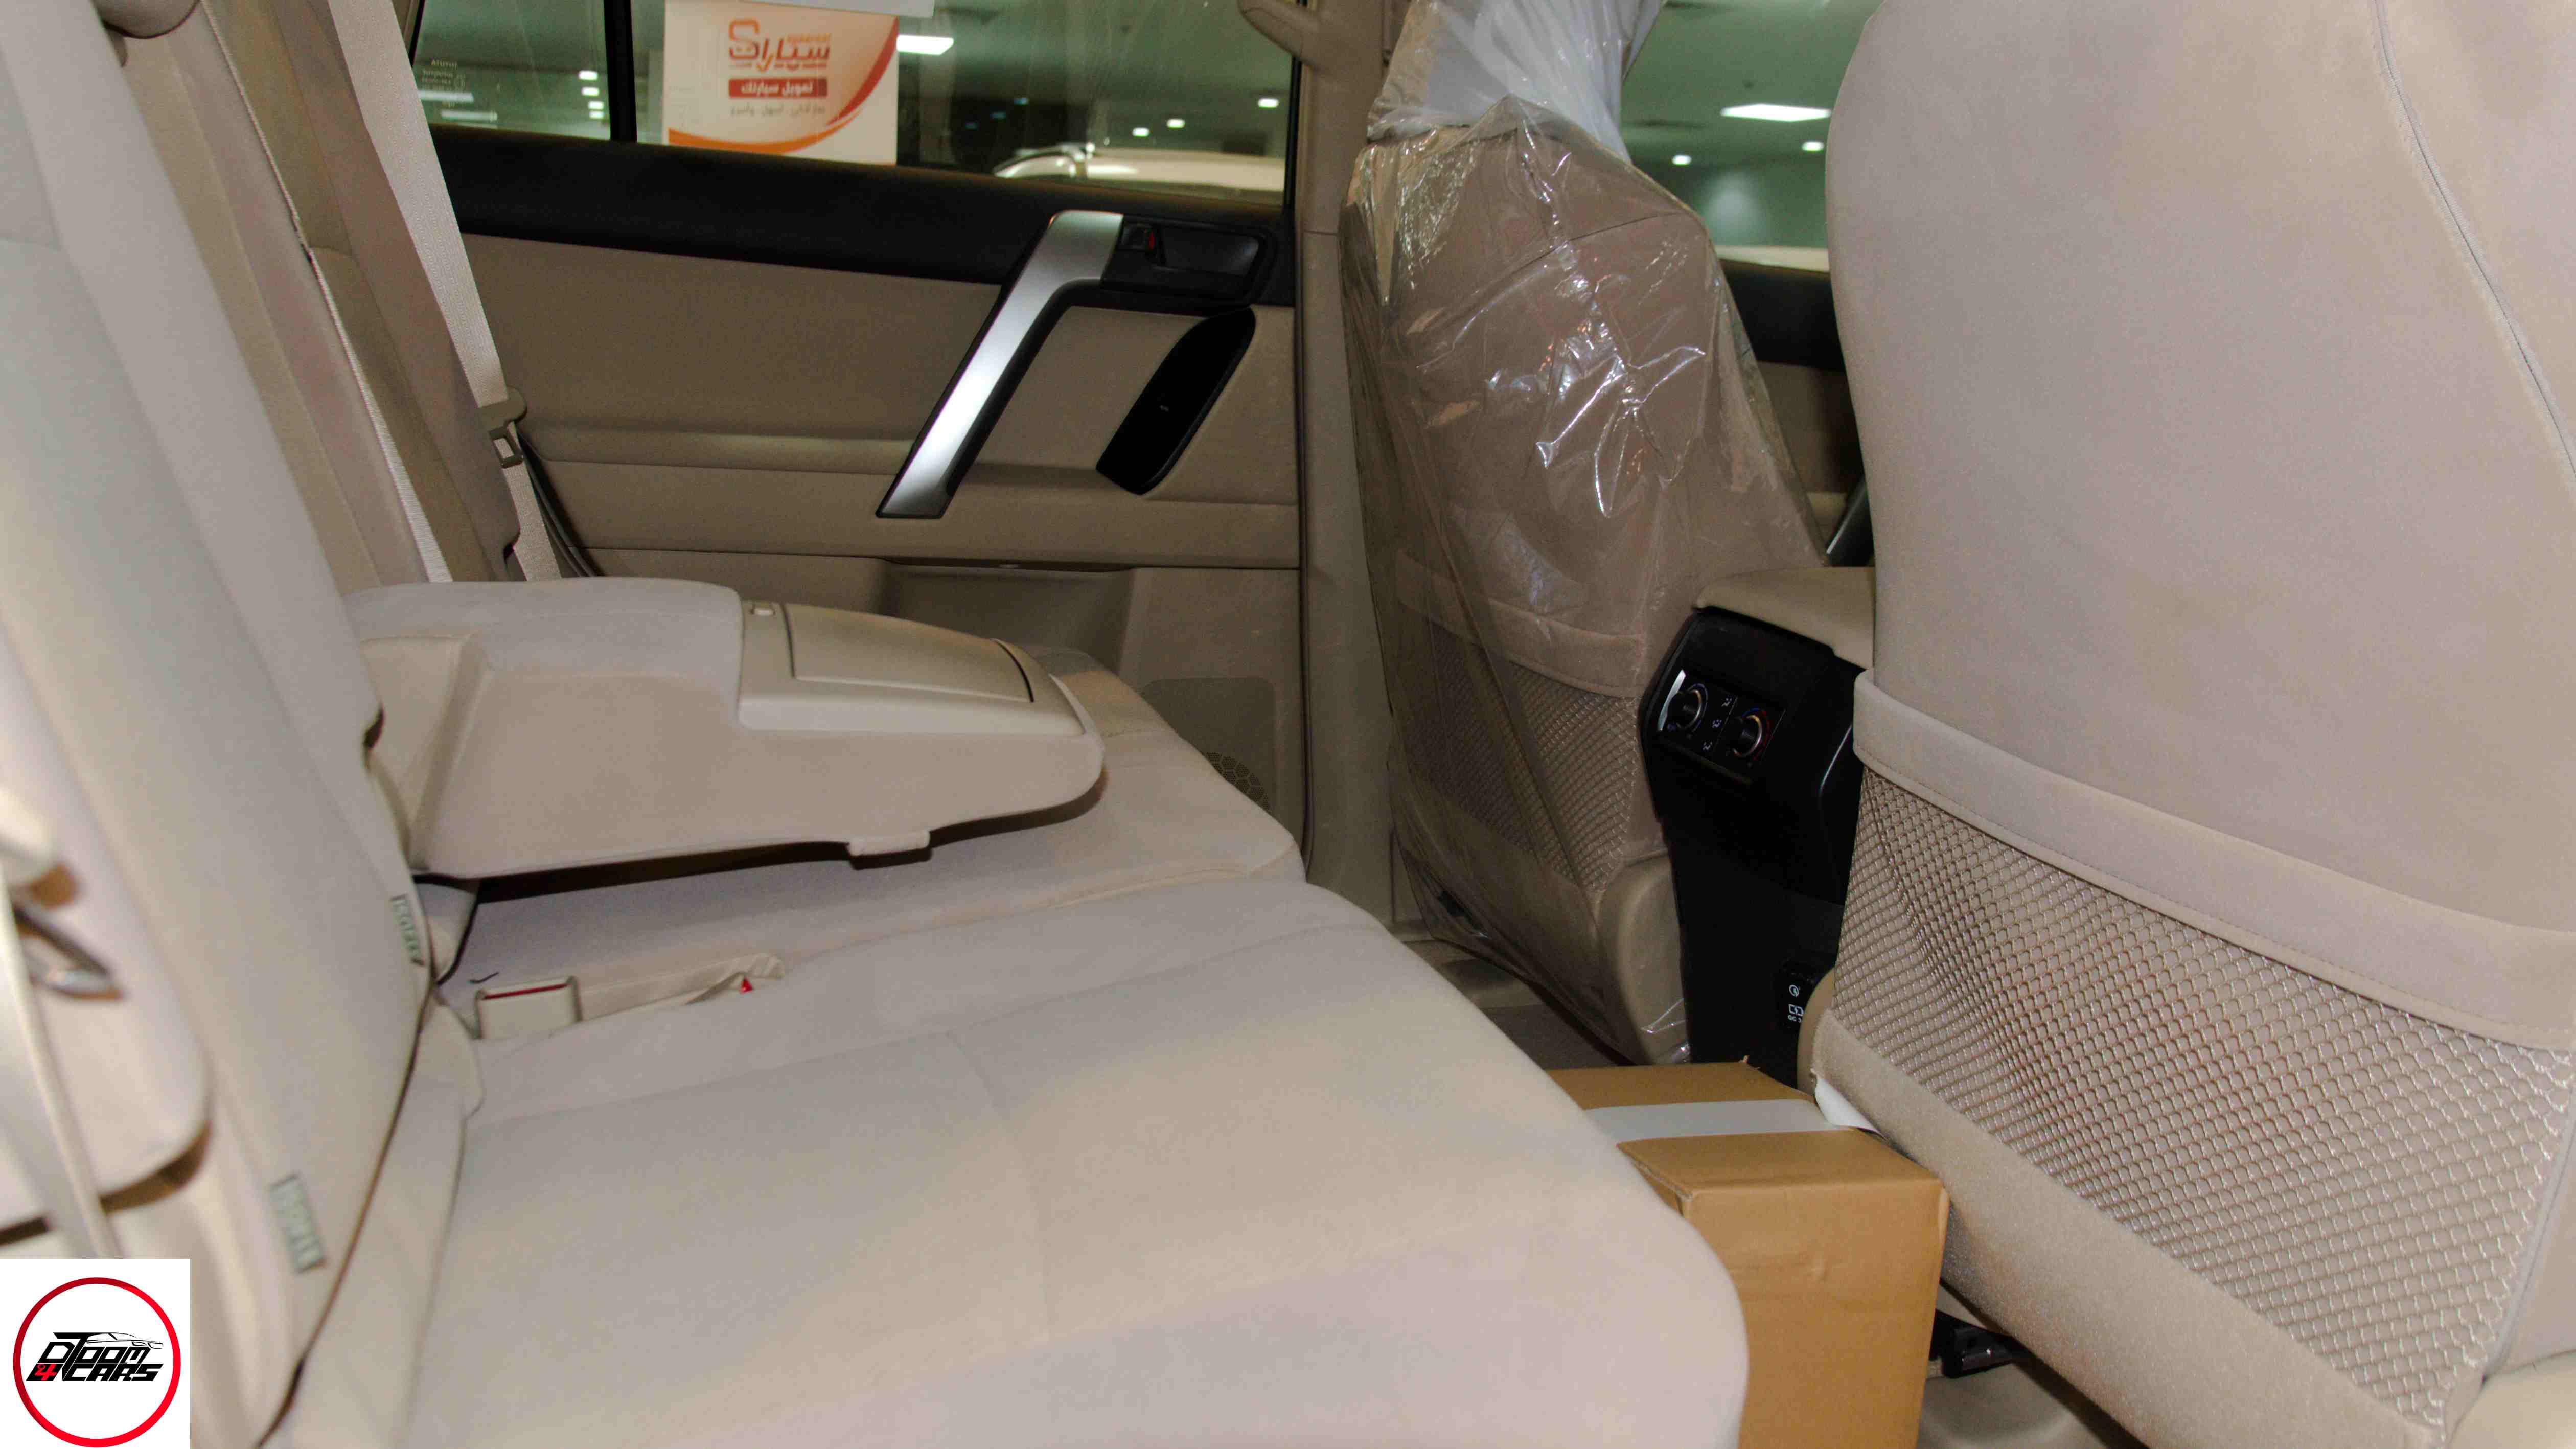 تويوتا  برادو  2021   TXL1   بنزين 6 سلندر   سعودي  للبيع في الرياض - السعودية - صورة كبيرة - 6